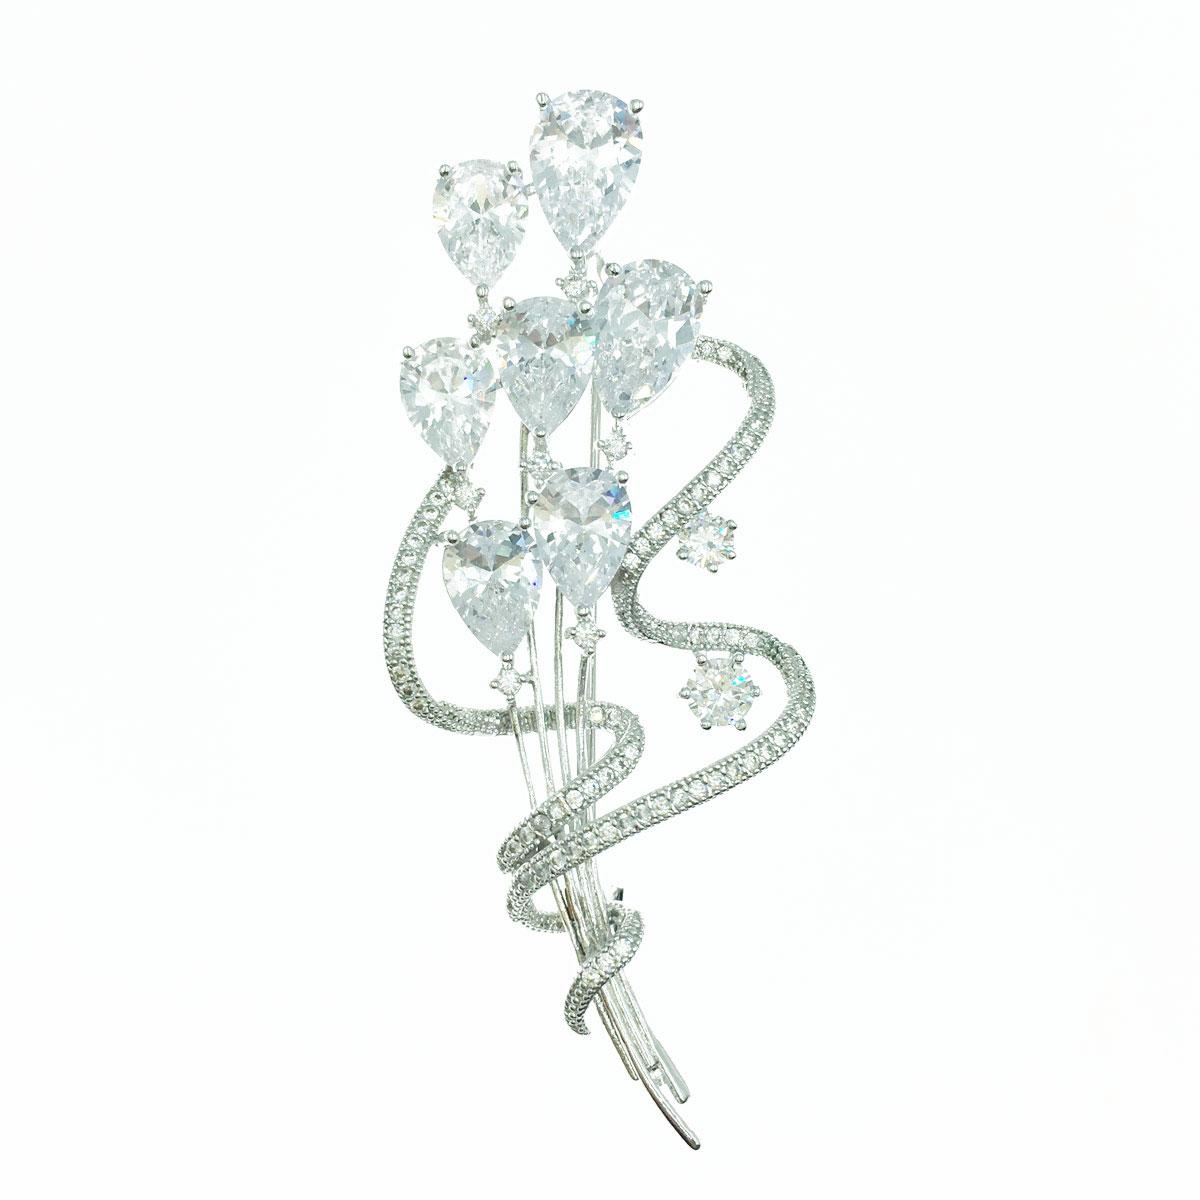 精緻水晶花束 環繞曲線 水鑽 銀色 別針 胸針 採用施華洛世奇水晶元素 Crystals from Swarovski